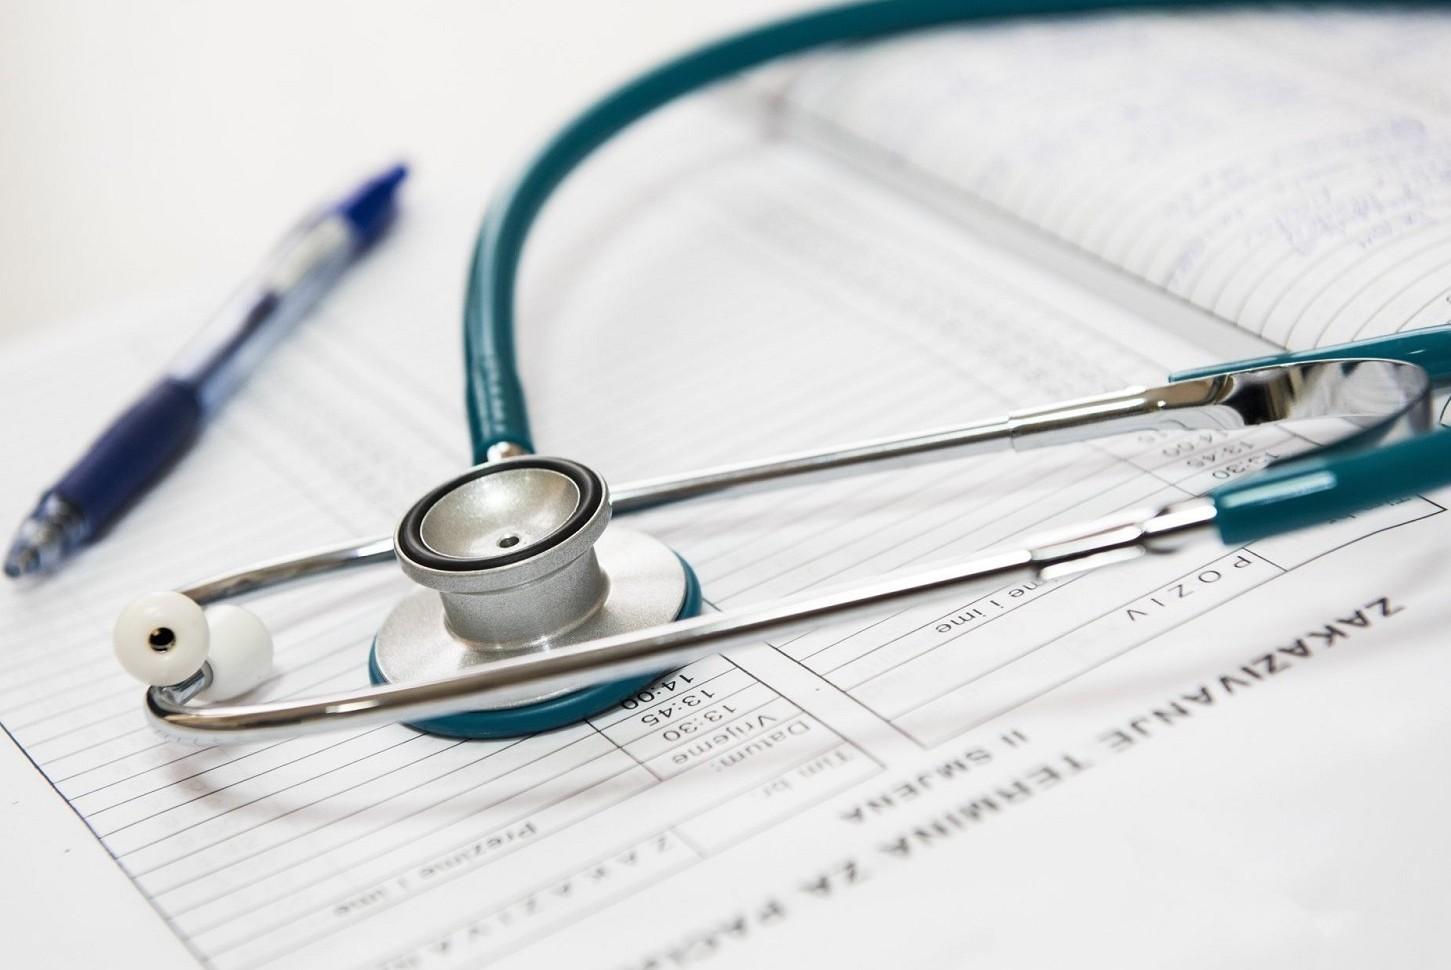 Assicurazione medici professionale, come funziona polizza rc obbligatoria. Cosa copre e quale scegliere